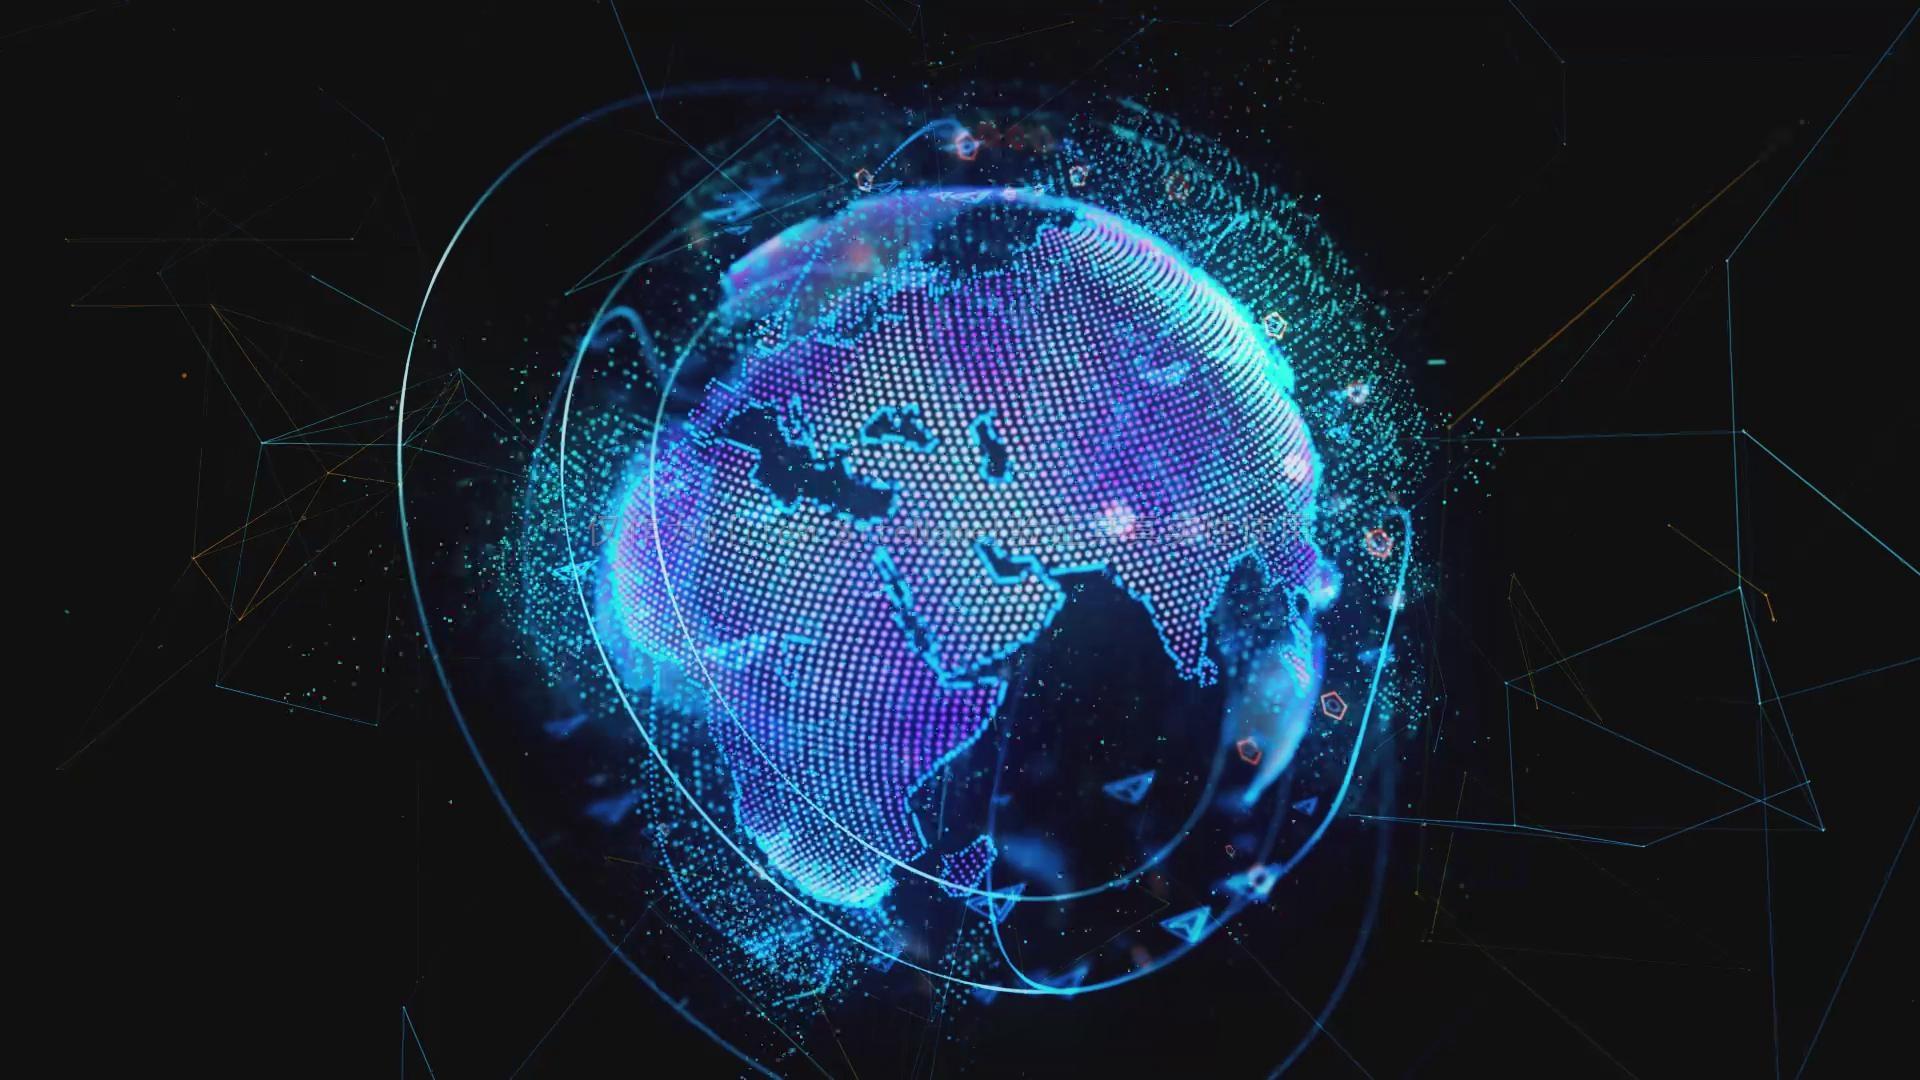 工业机器人三大核心技术国产化, 谁将率先突破?